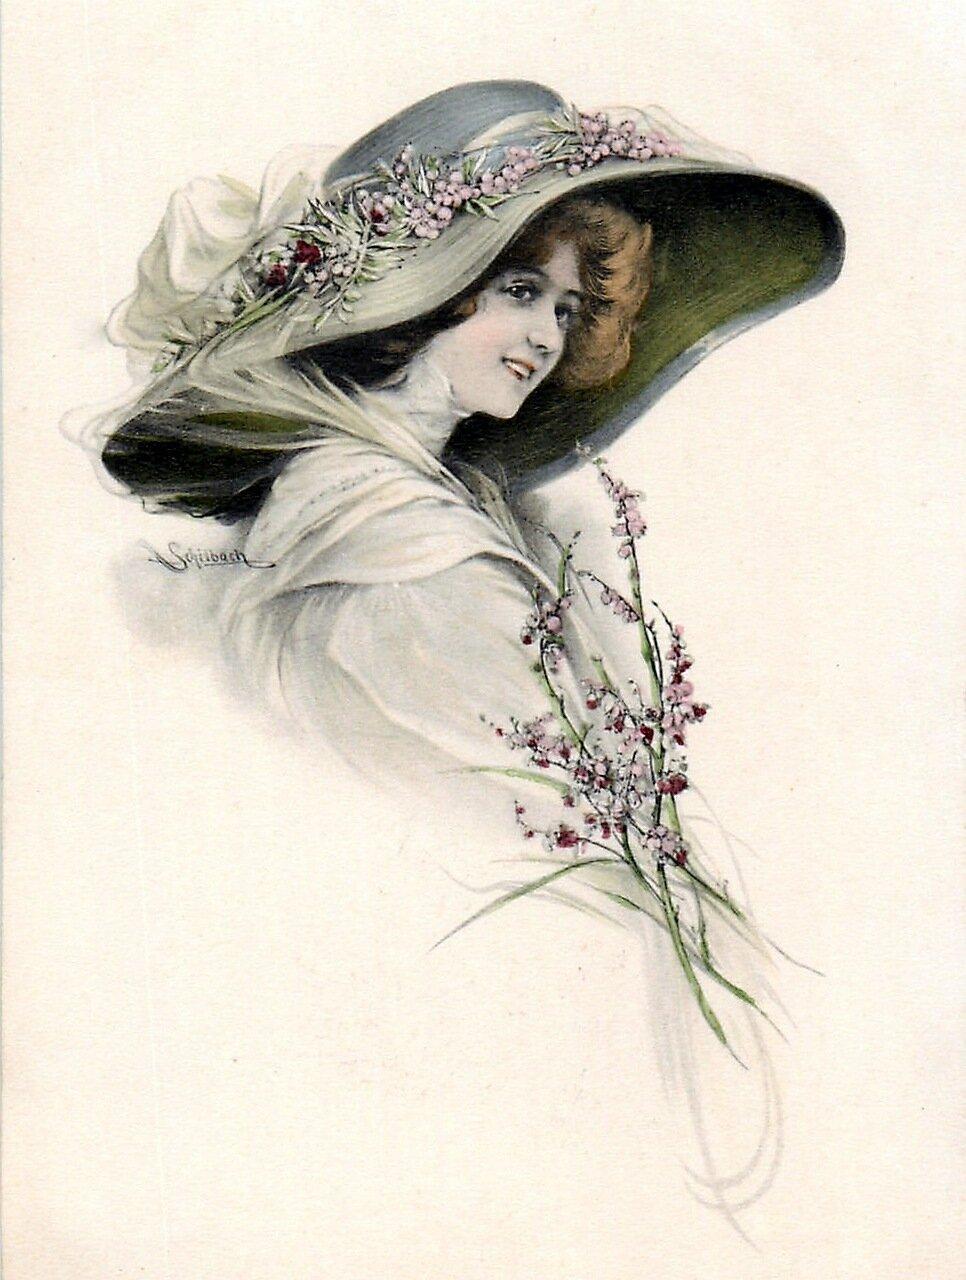 форма, старые открытки шляпки присутствие